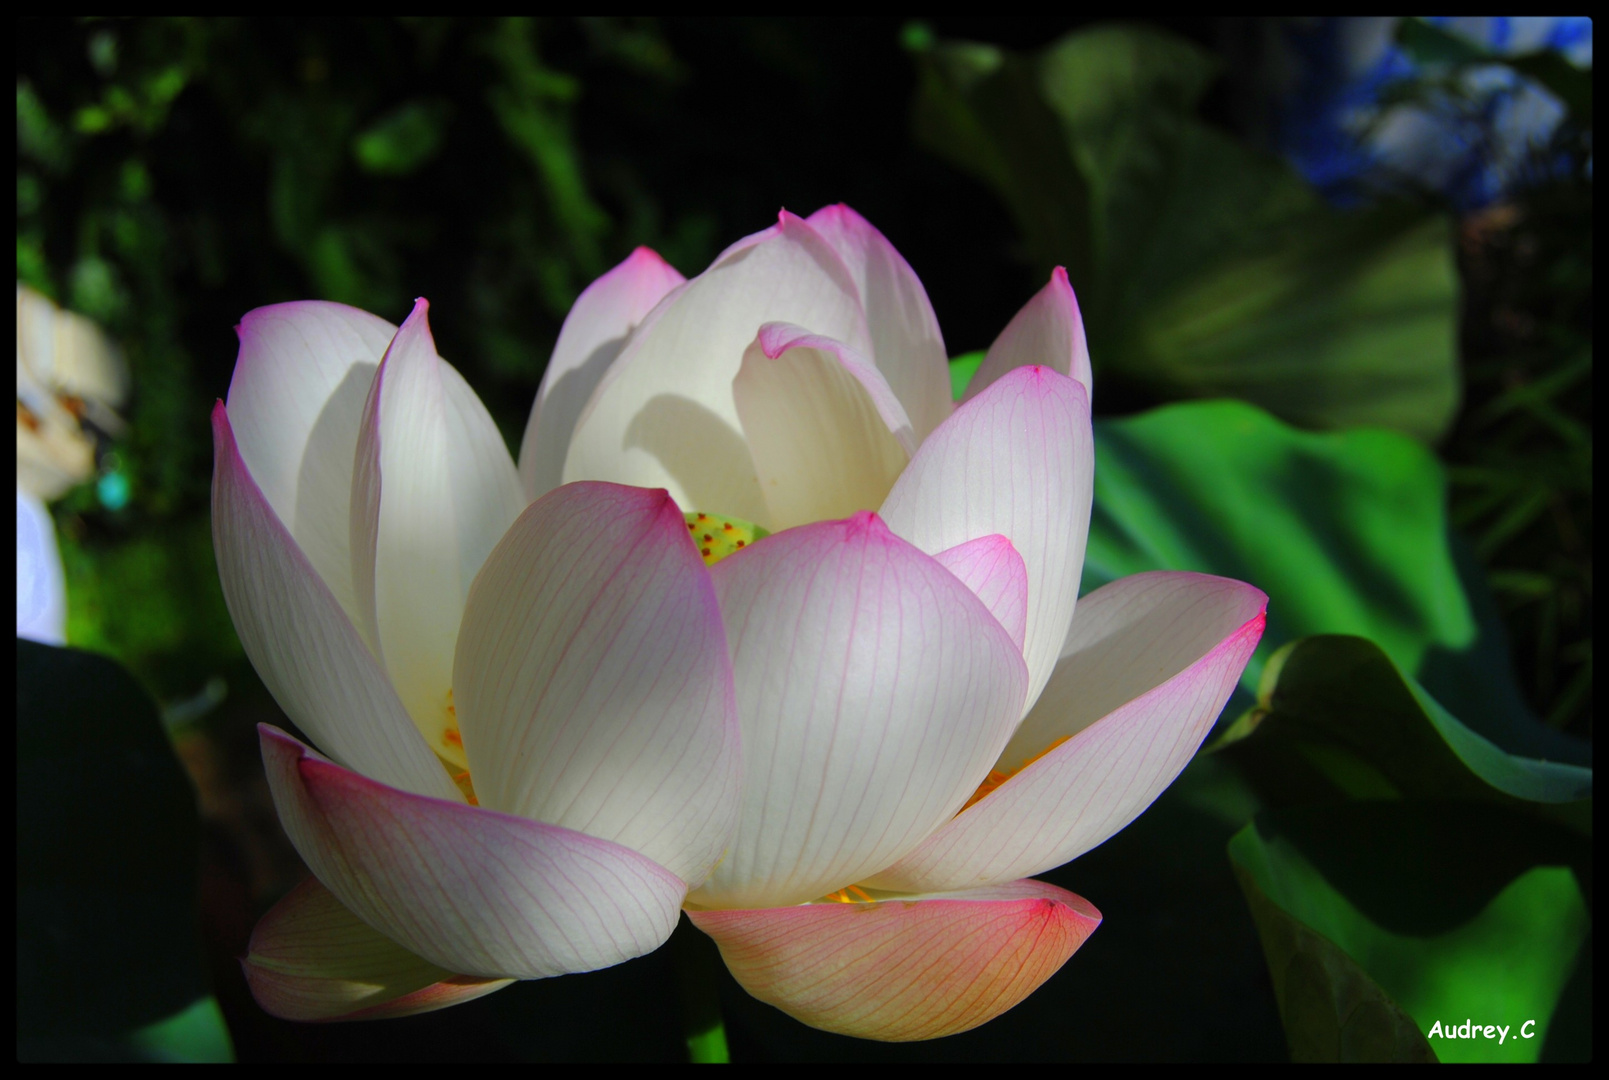 La fleur de lotus !!!!!